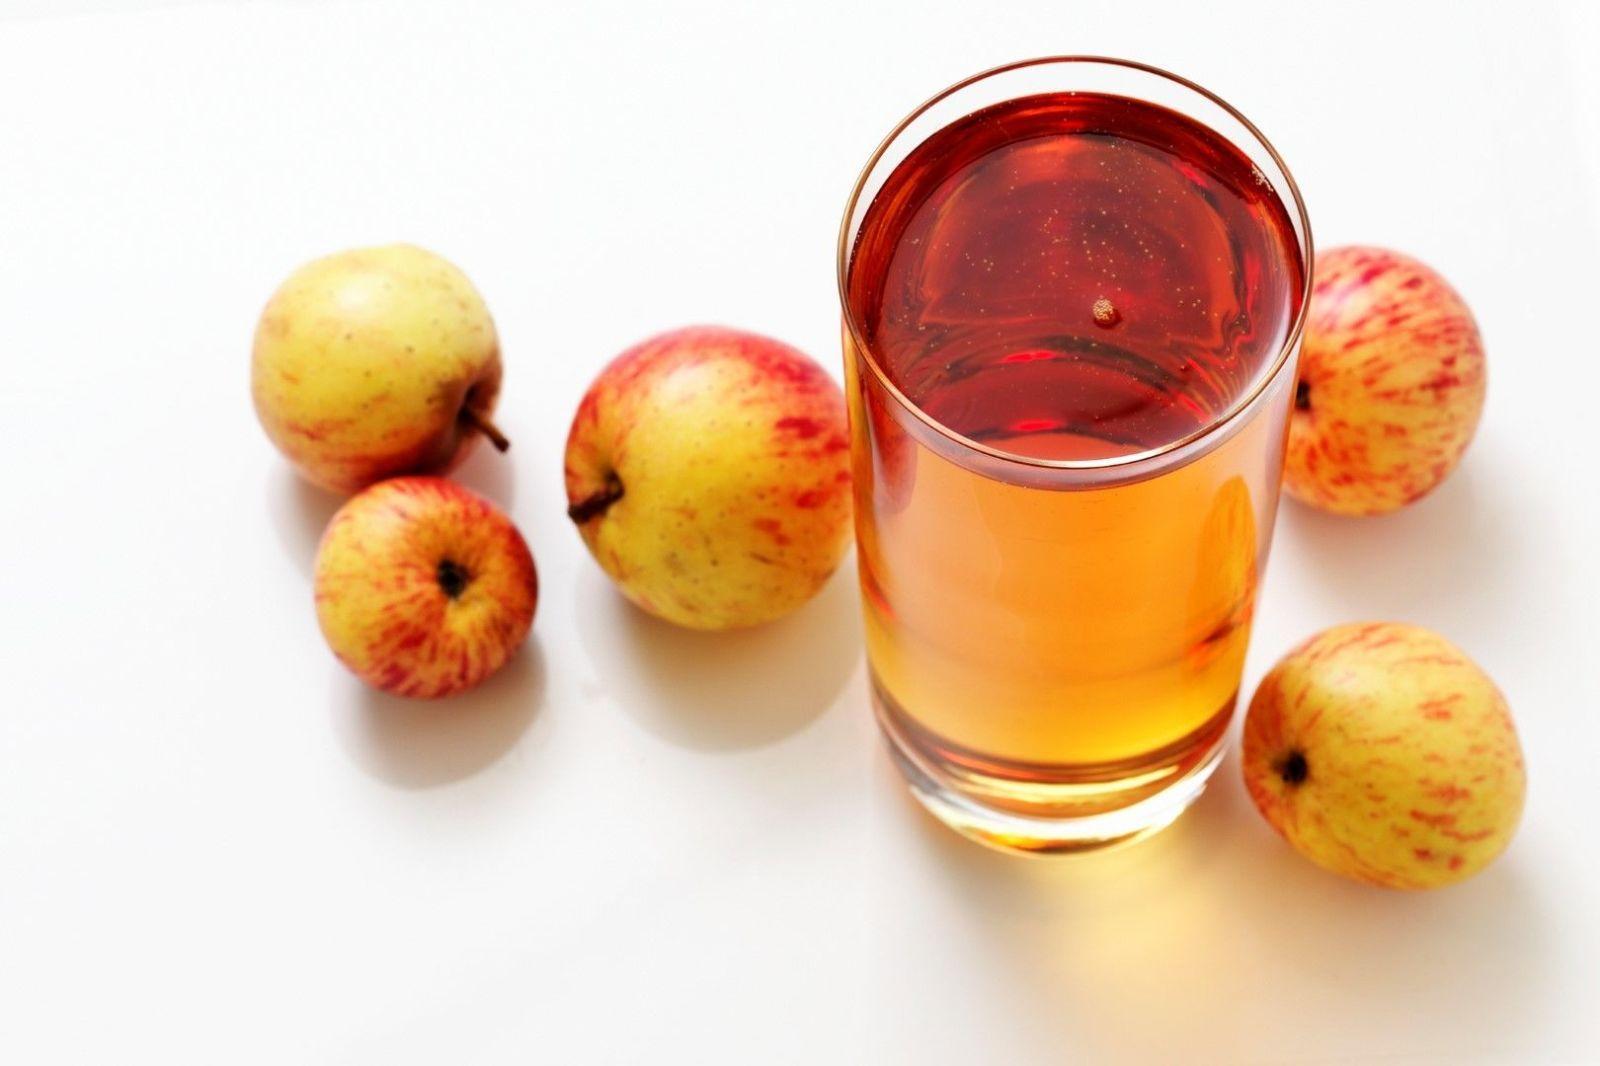 aceto di sidro di mele buona dieta alcalina